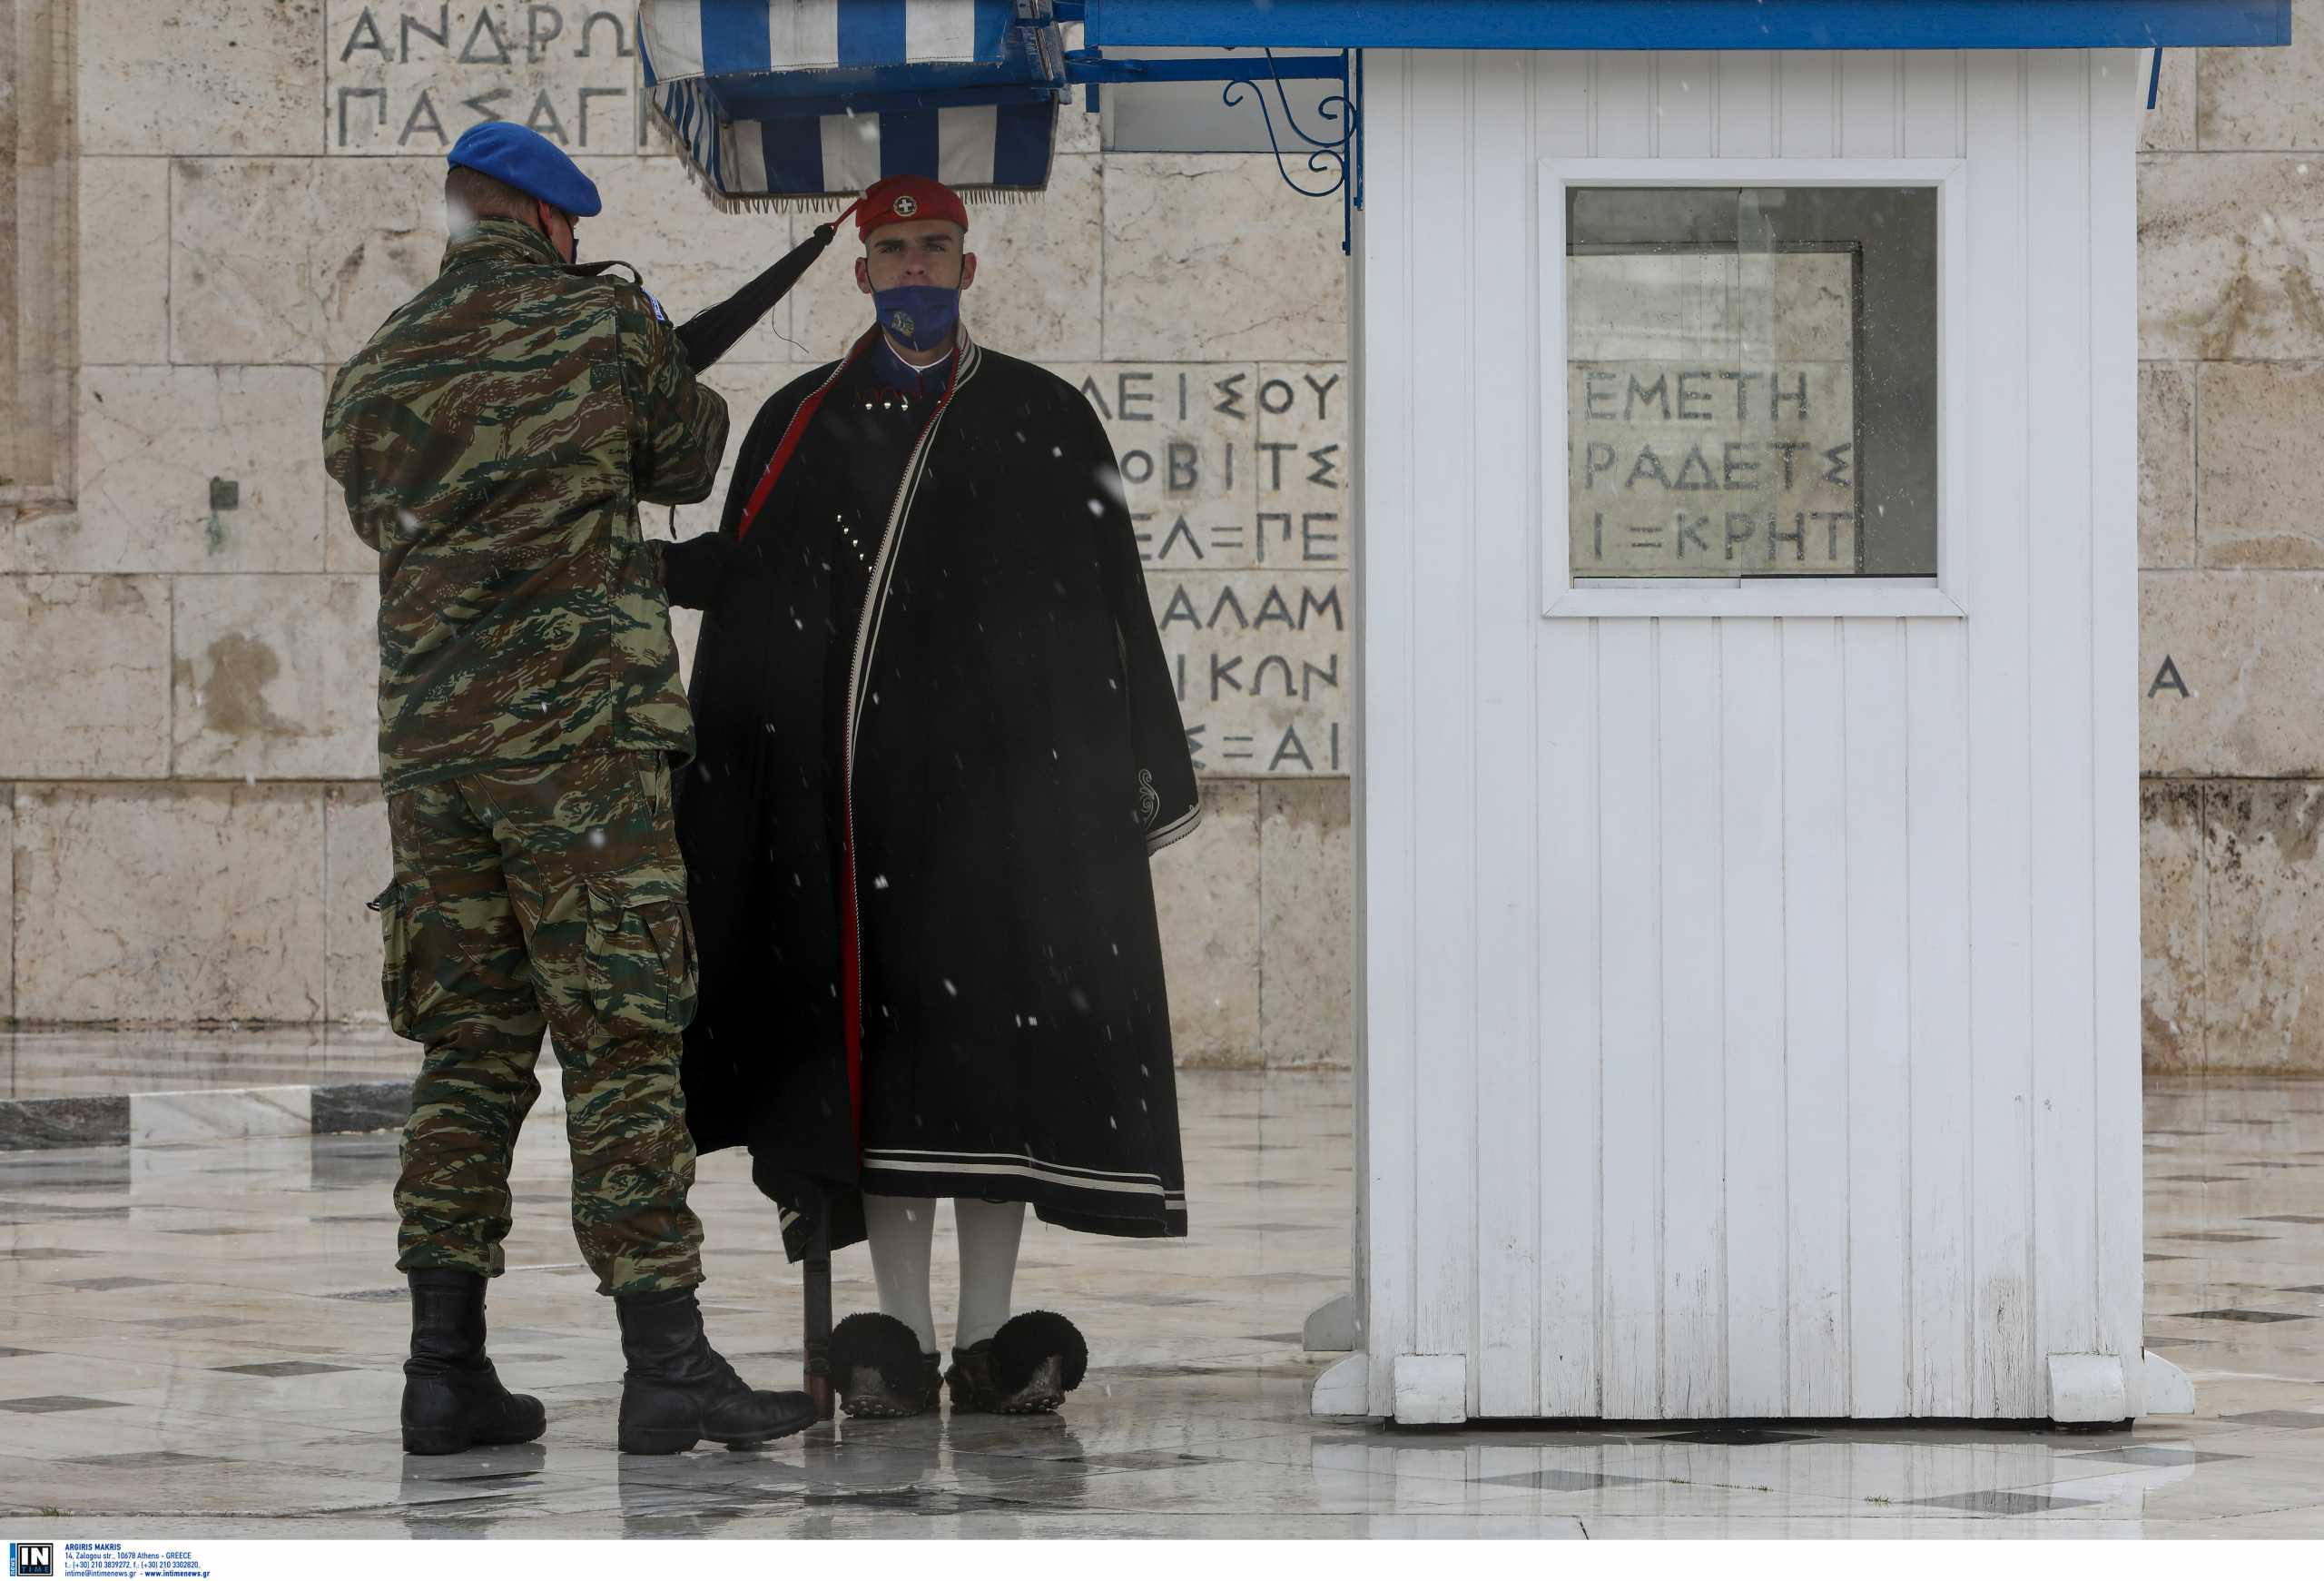 Η παγωνιά δεν «πιάνει» την Προεδρική Φρουρά: Απίστευτα πλάνα από τους Έλληνες στρατιώτες [pics]